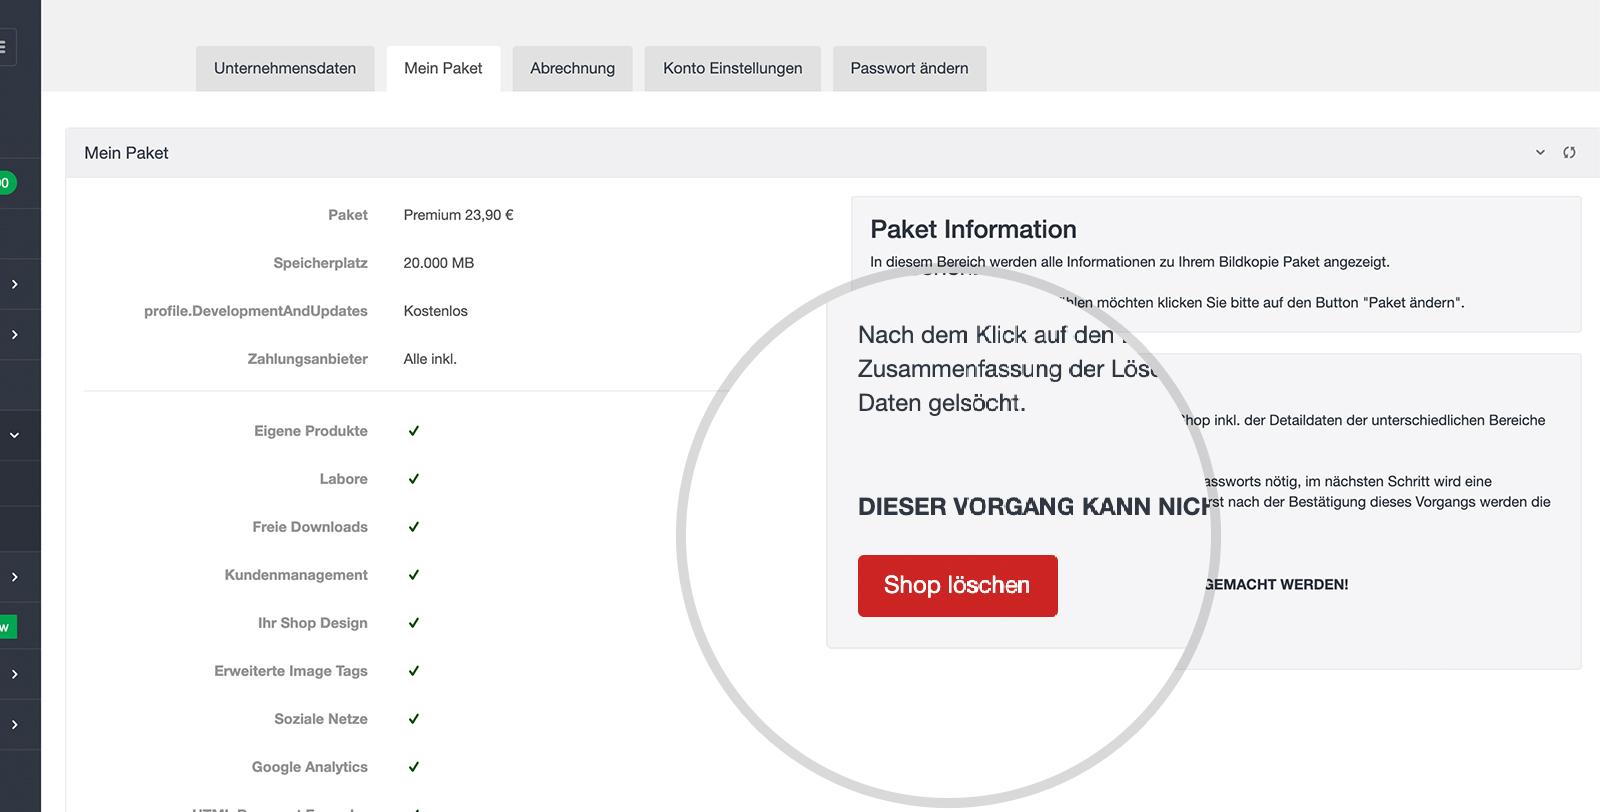 Datenschutz: Shop-Lösch-Funktion